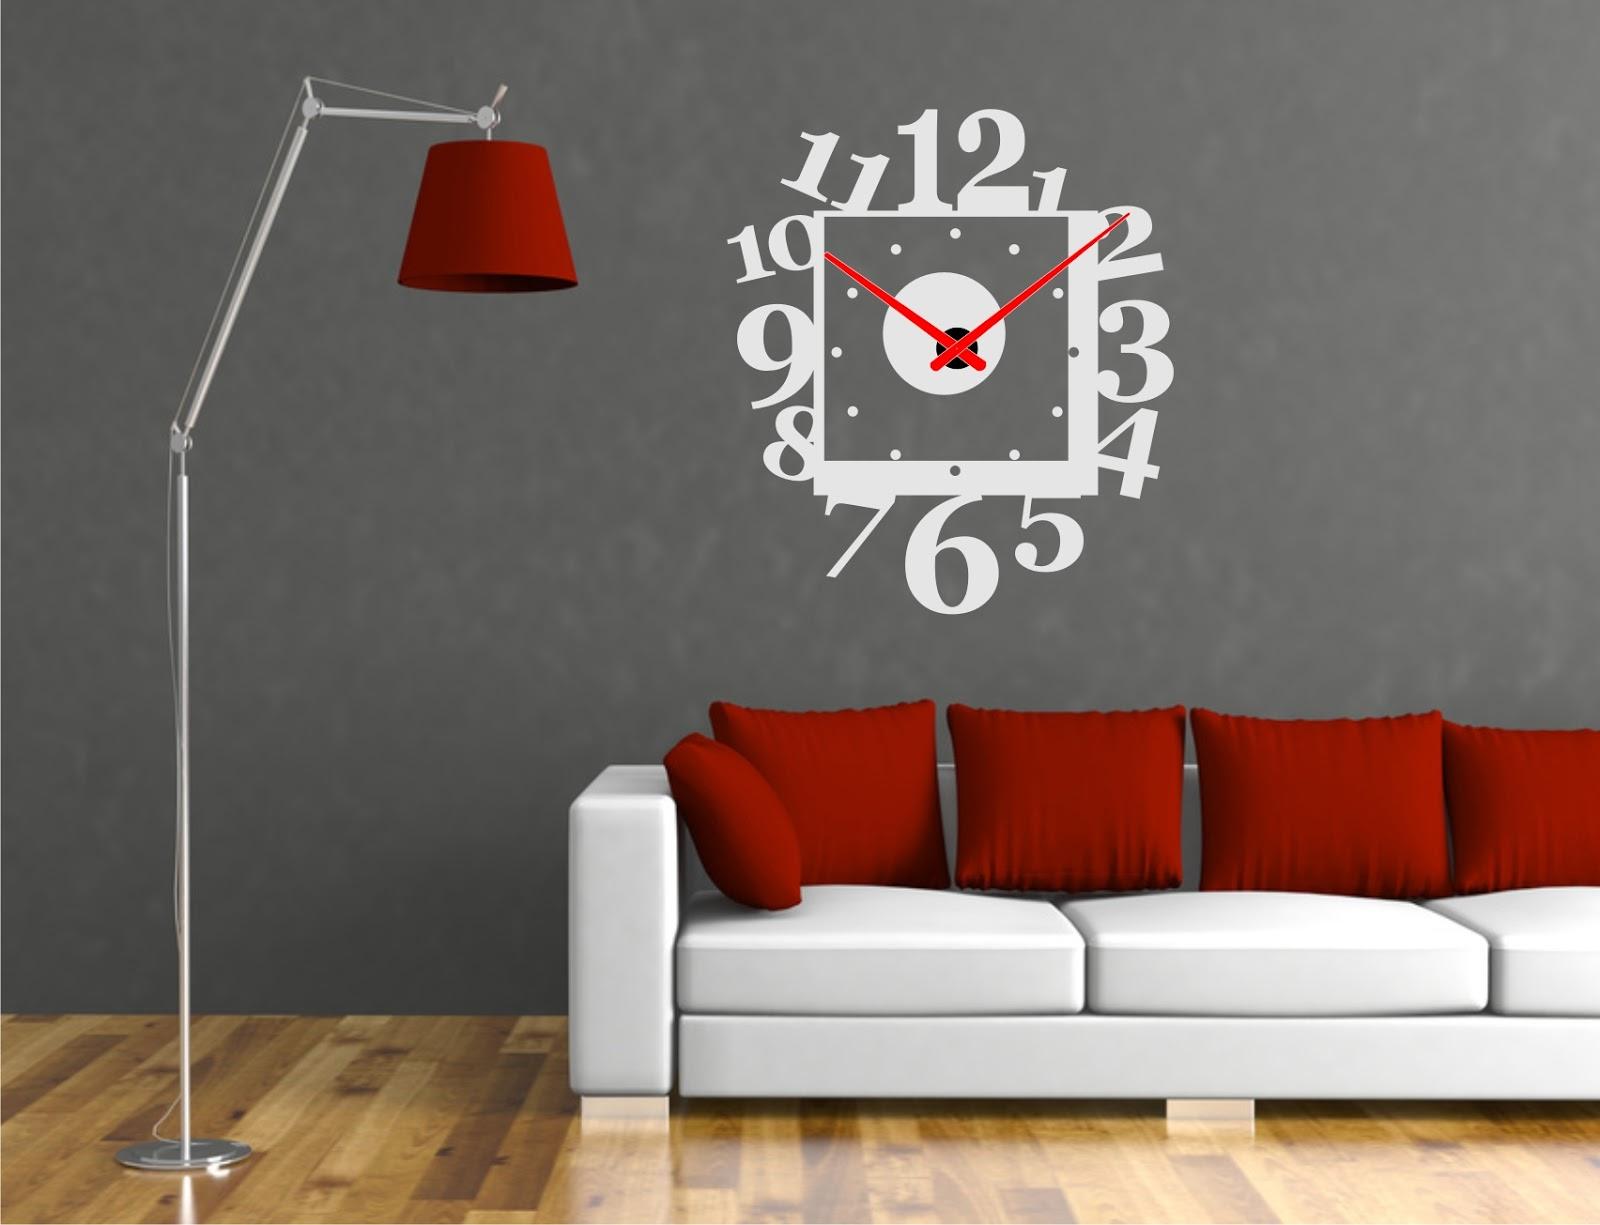 Relojesyvinilos reloj de pared cuadrado moderno - Reloj de pared moderno ...